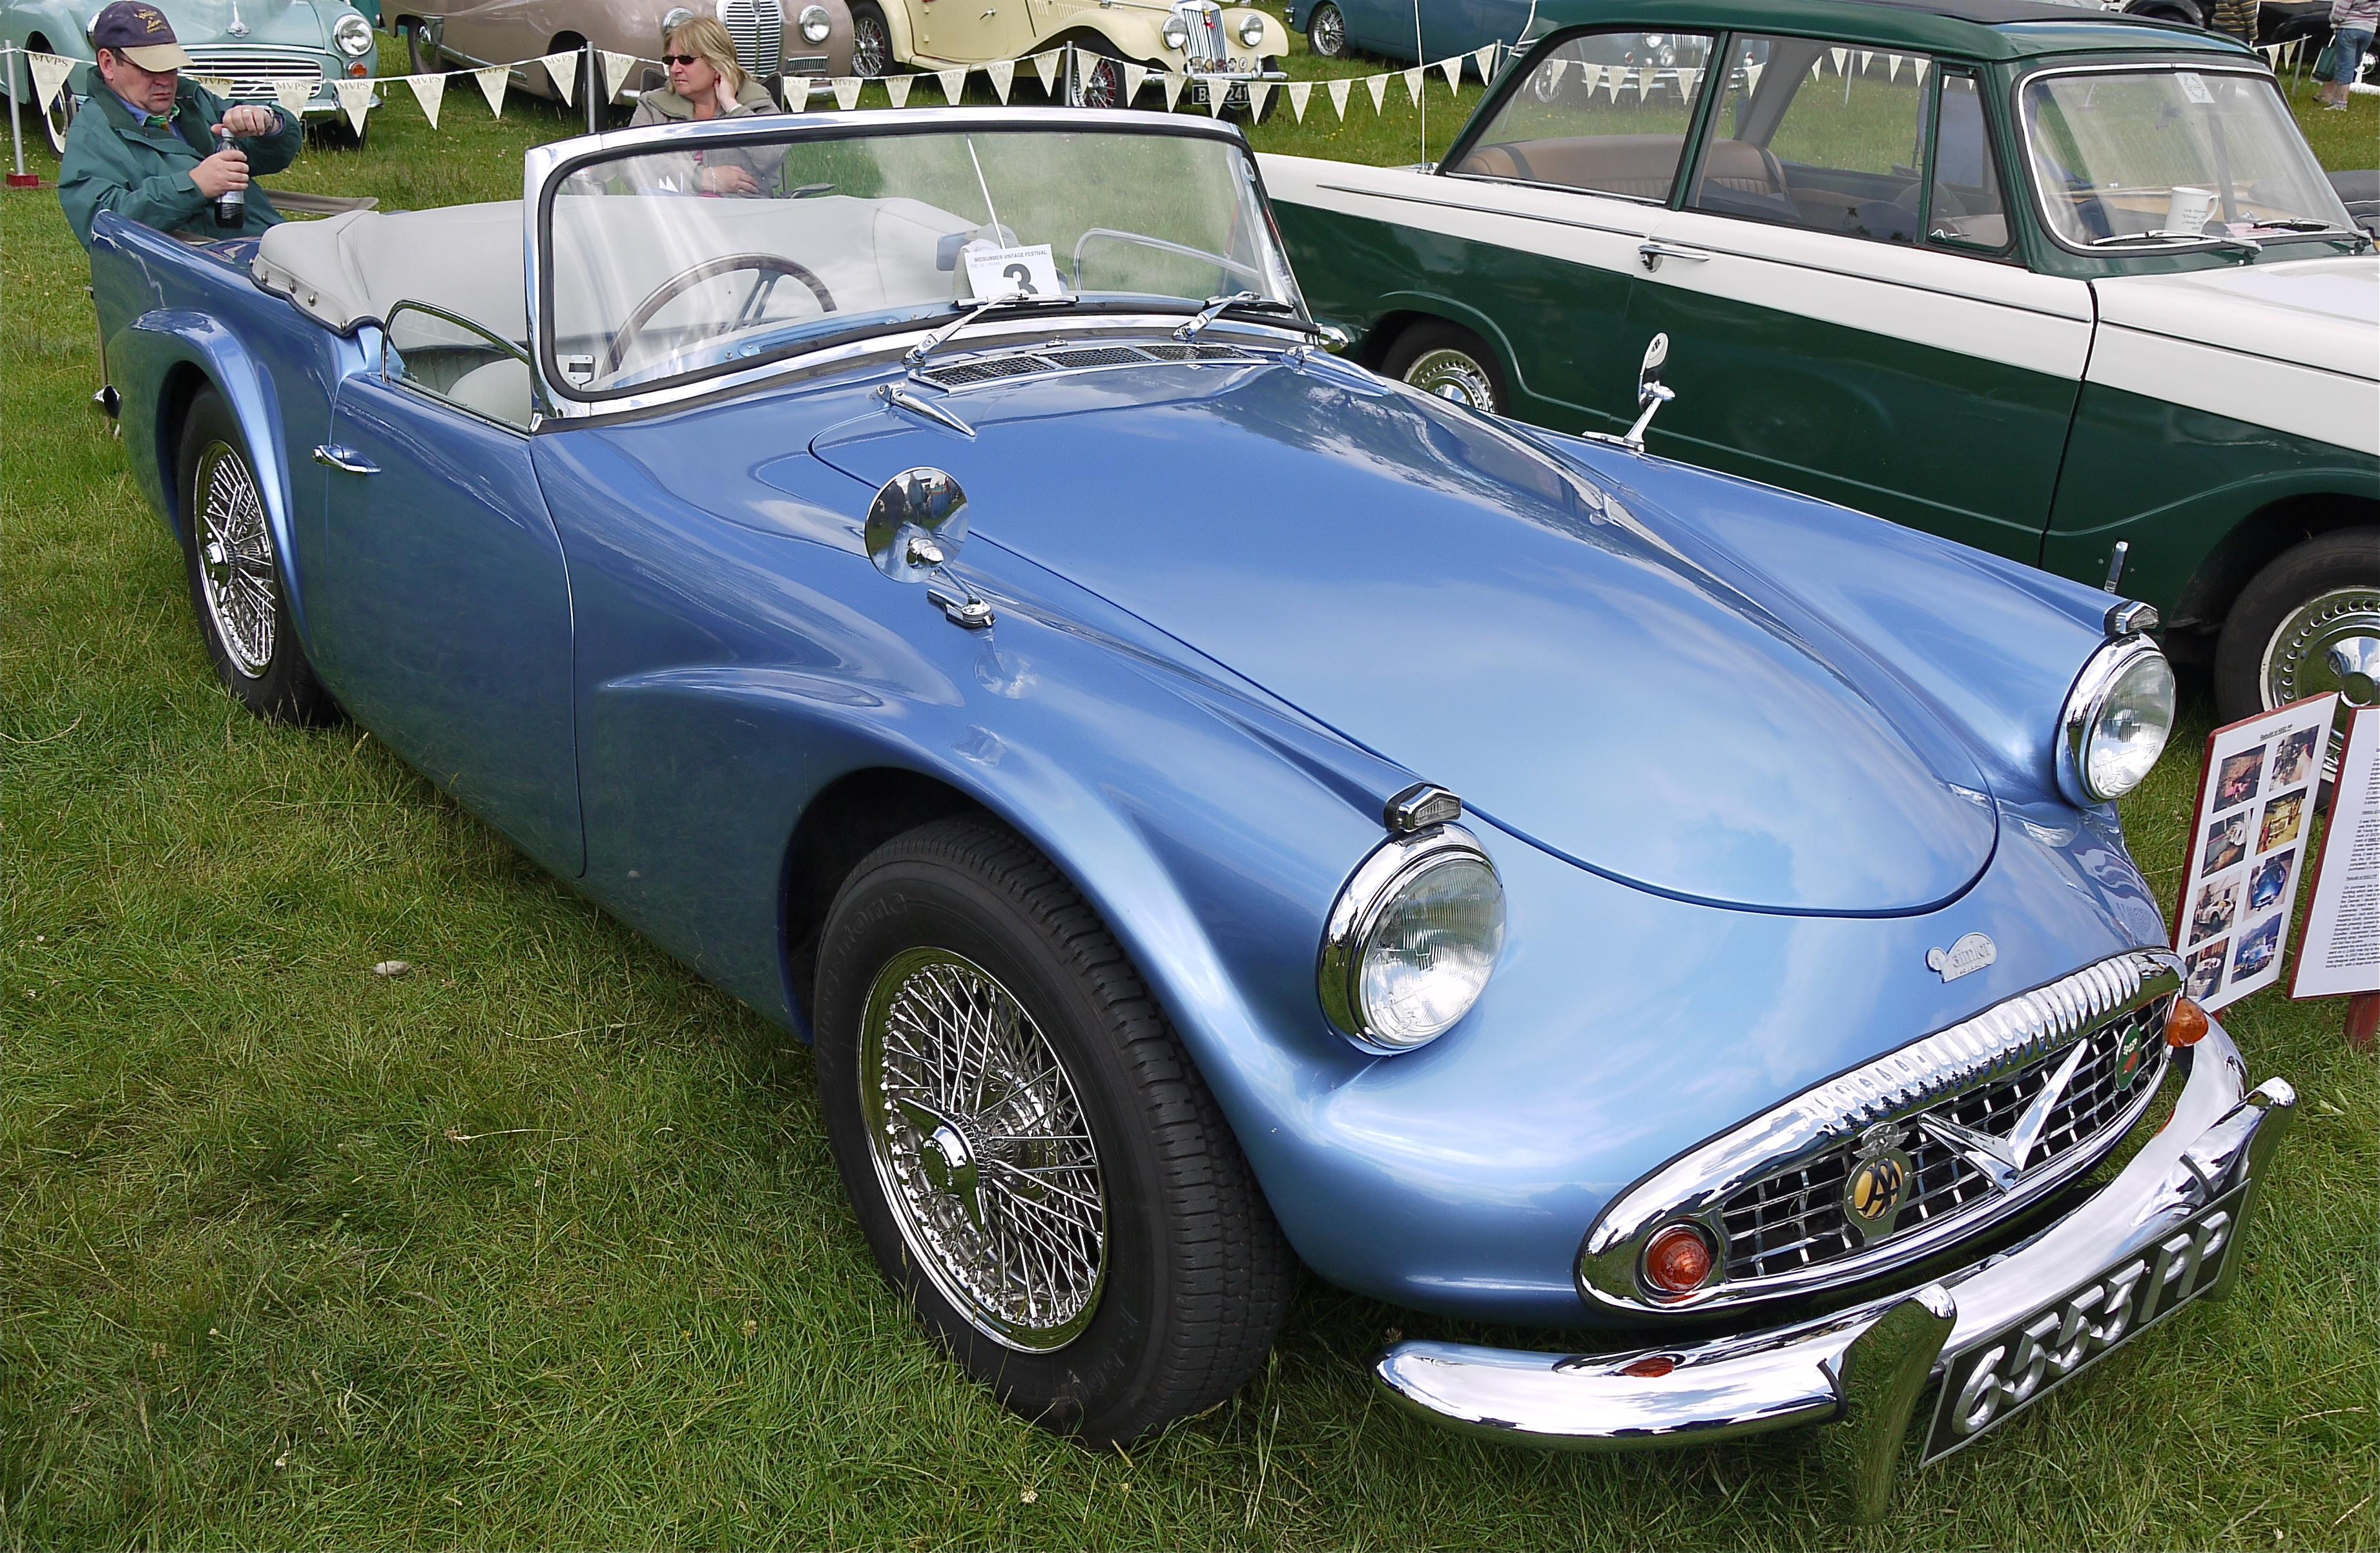 Daimler sp250 wikiwand daimler dart motoburg daimler sp250 wikipedia the free encyclopedia html